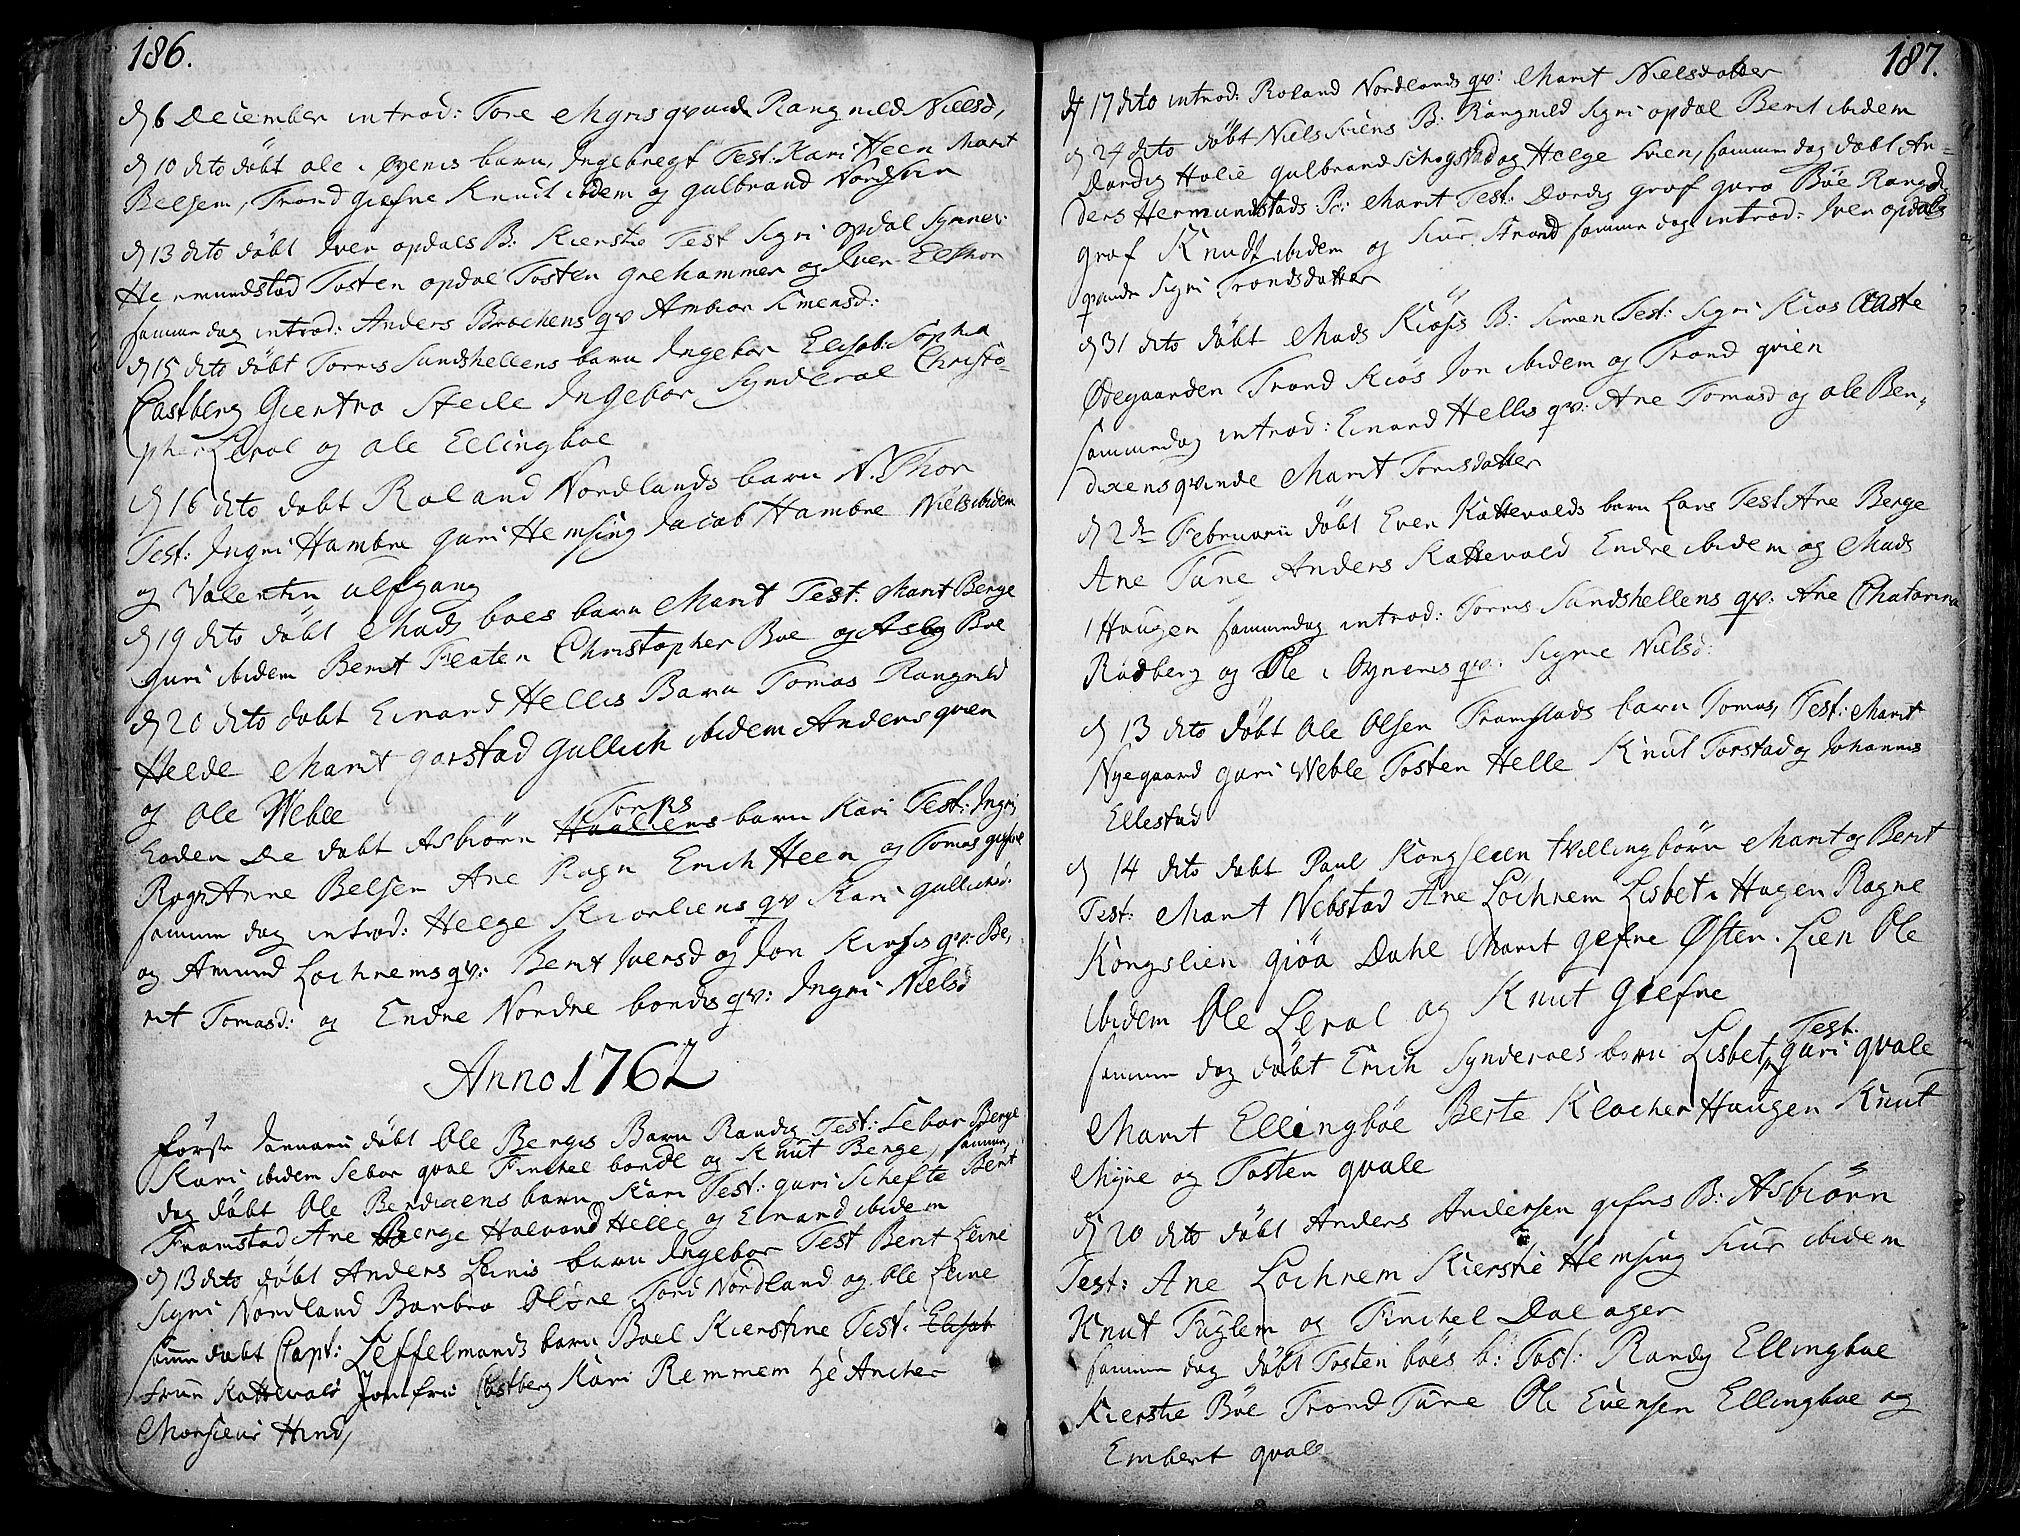 SAH, Vang prestekontor, Valdres, Ministerialbok nr. 1, 1730-1796, s. 186-187